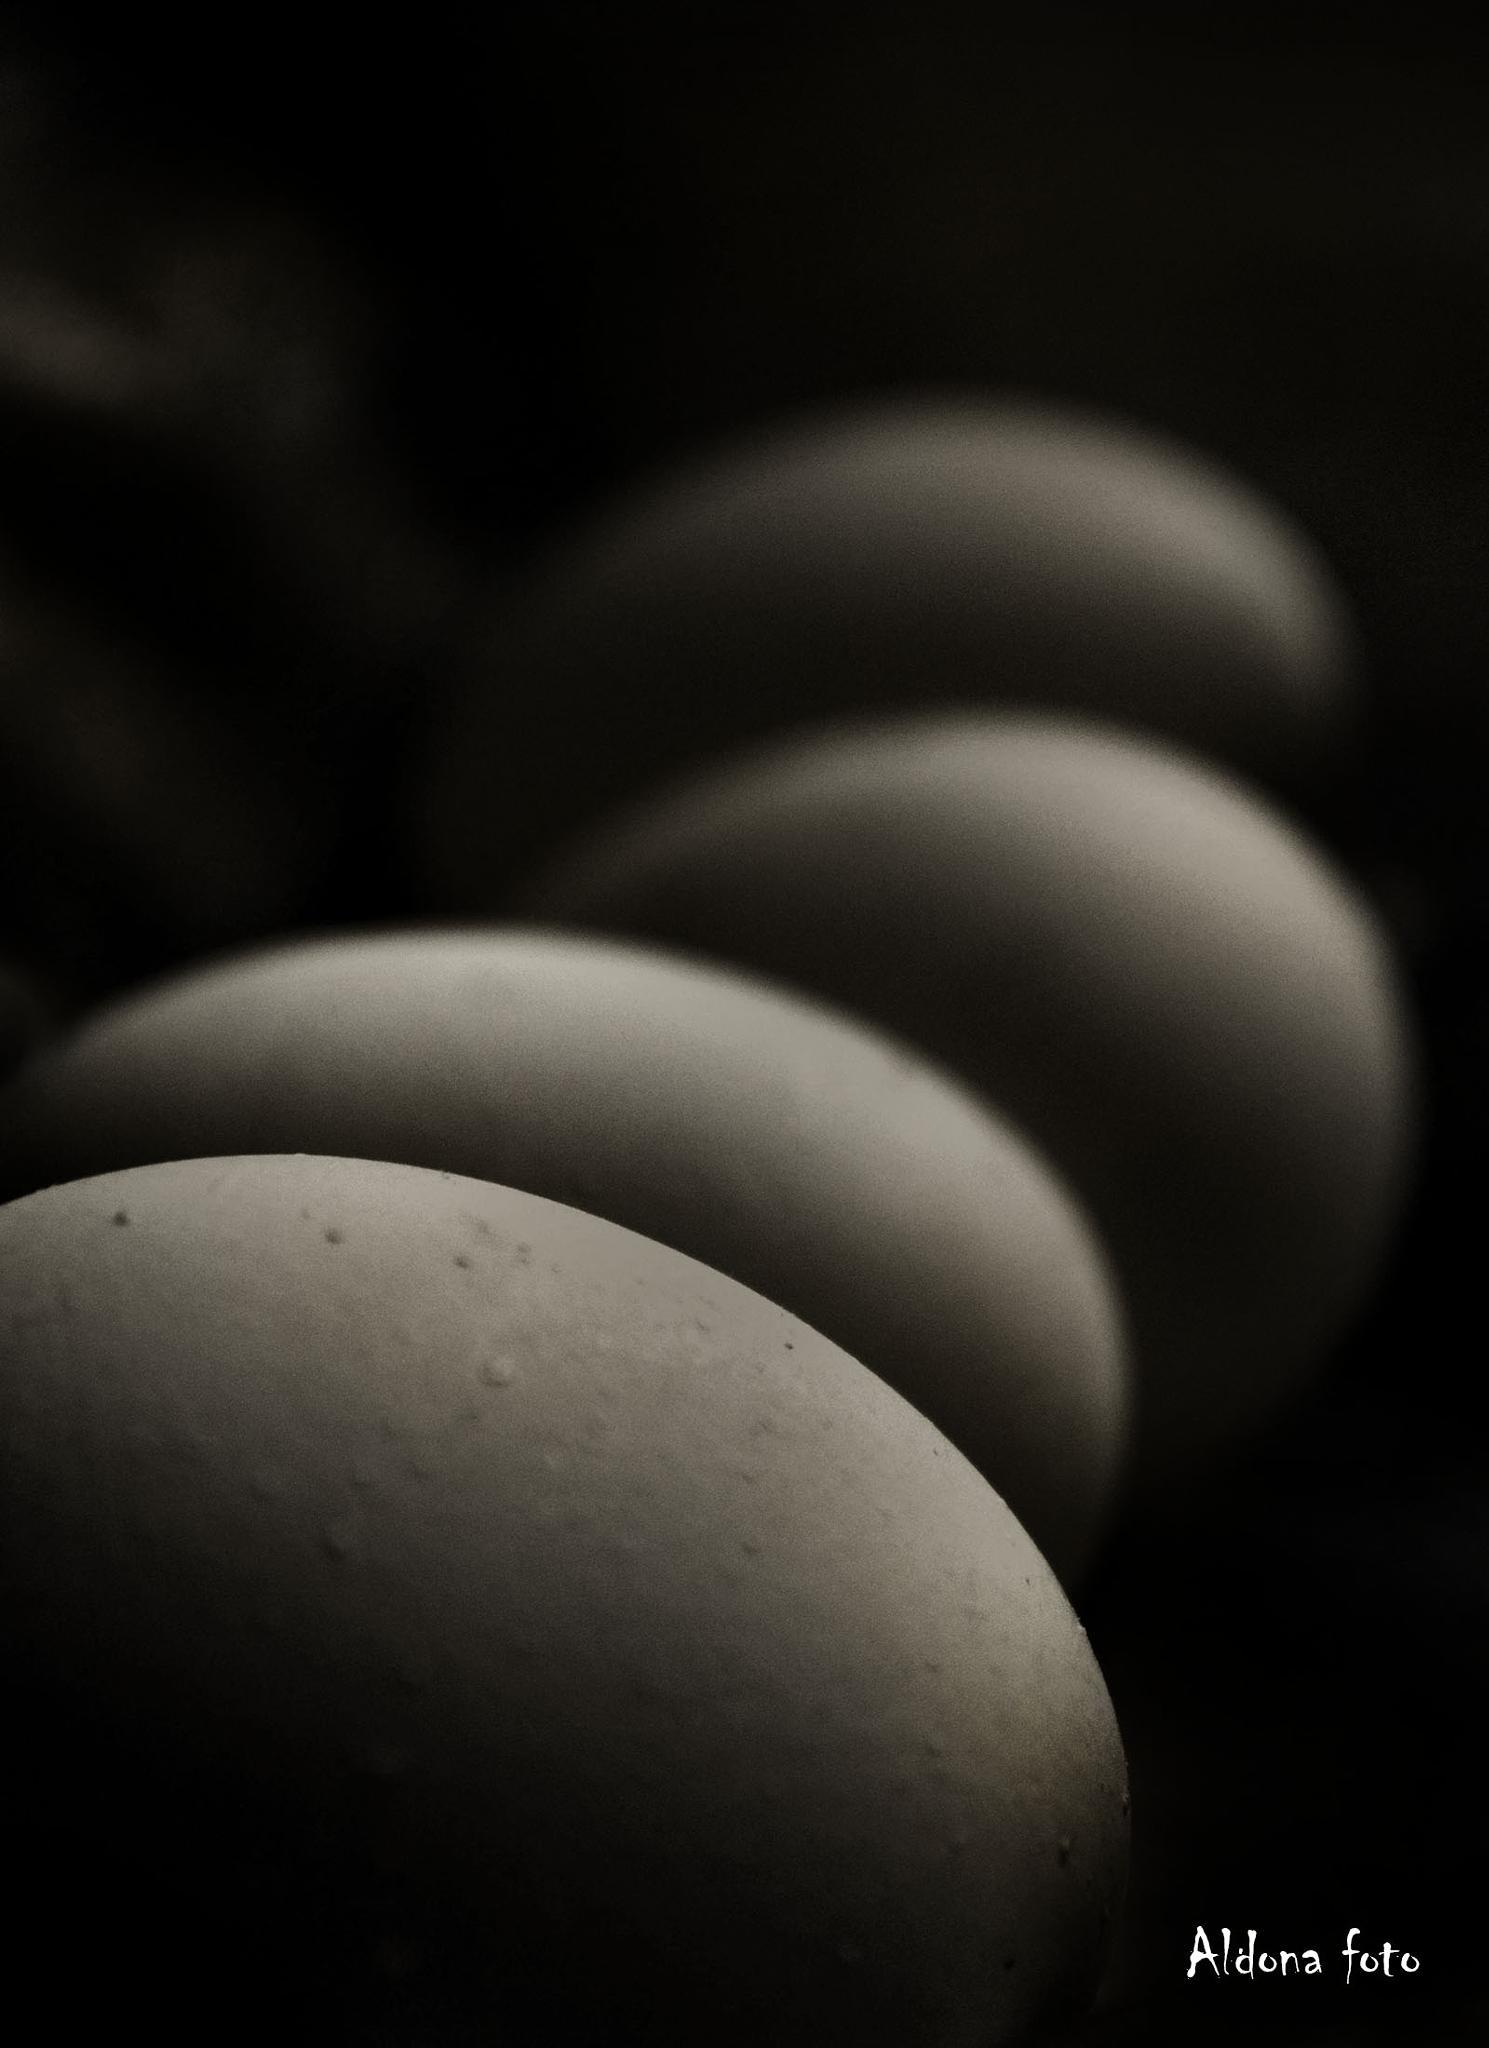 eggs by aldona filla